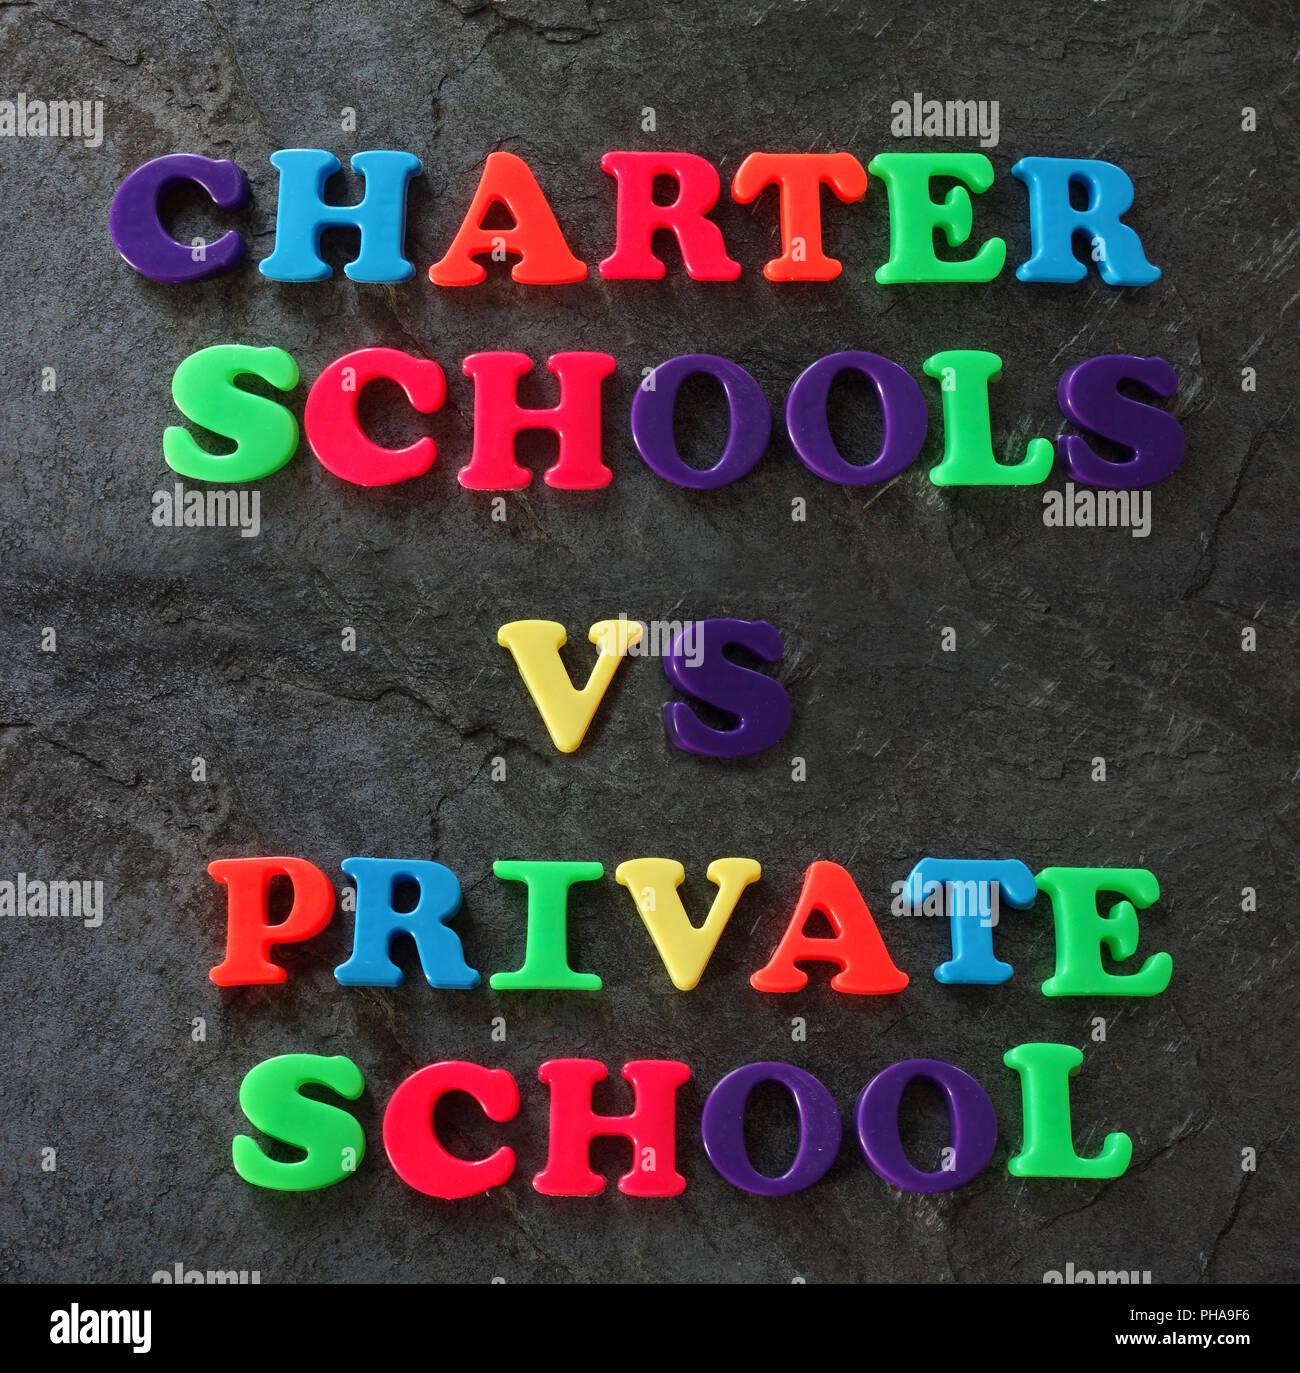 Charter vs Private school concept - Stock Image